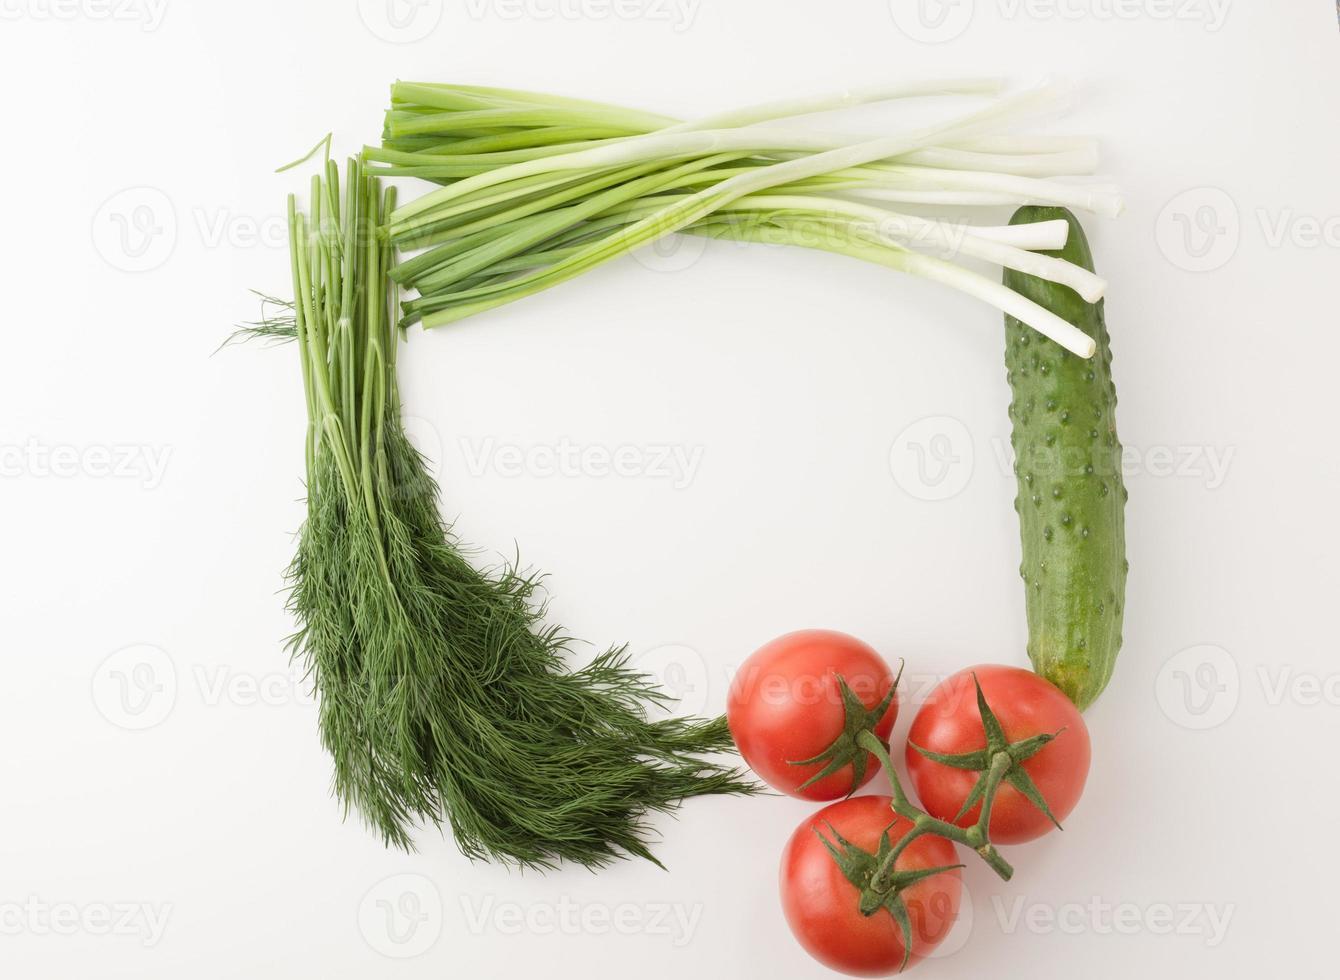 quadro vegetal foto